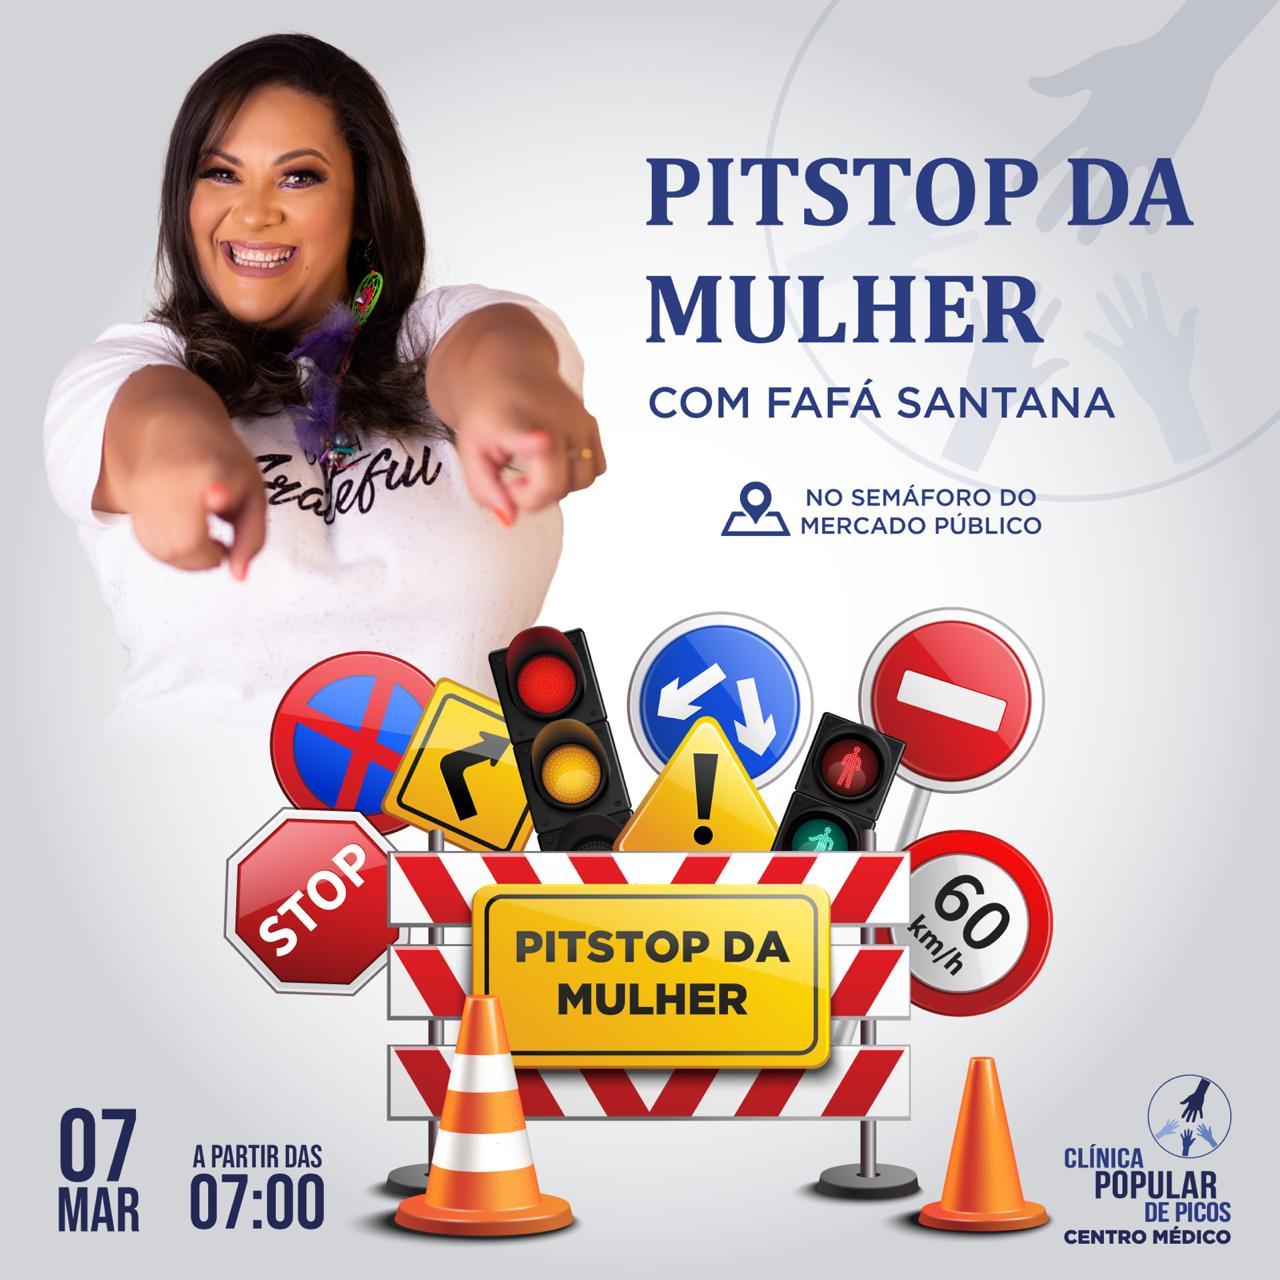 Clínica Popular de Picos está realizando neste sábado (07) Pit Stop da saúde da mulher